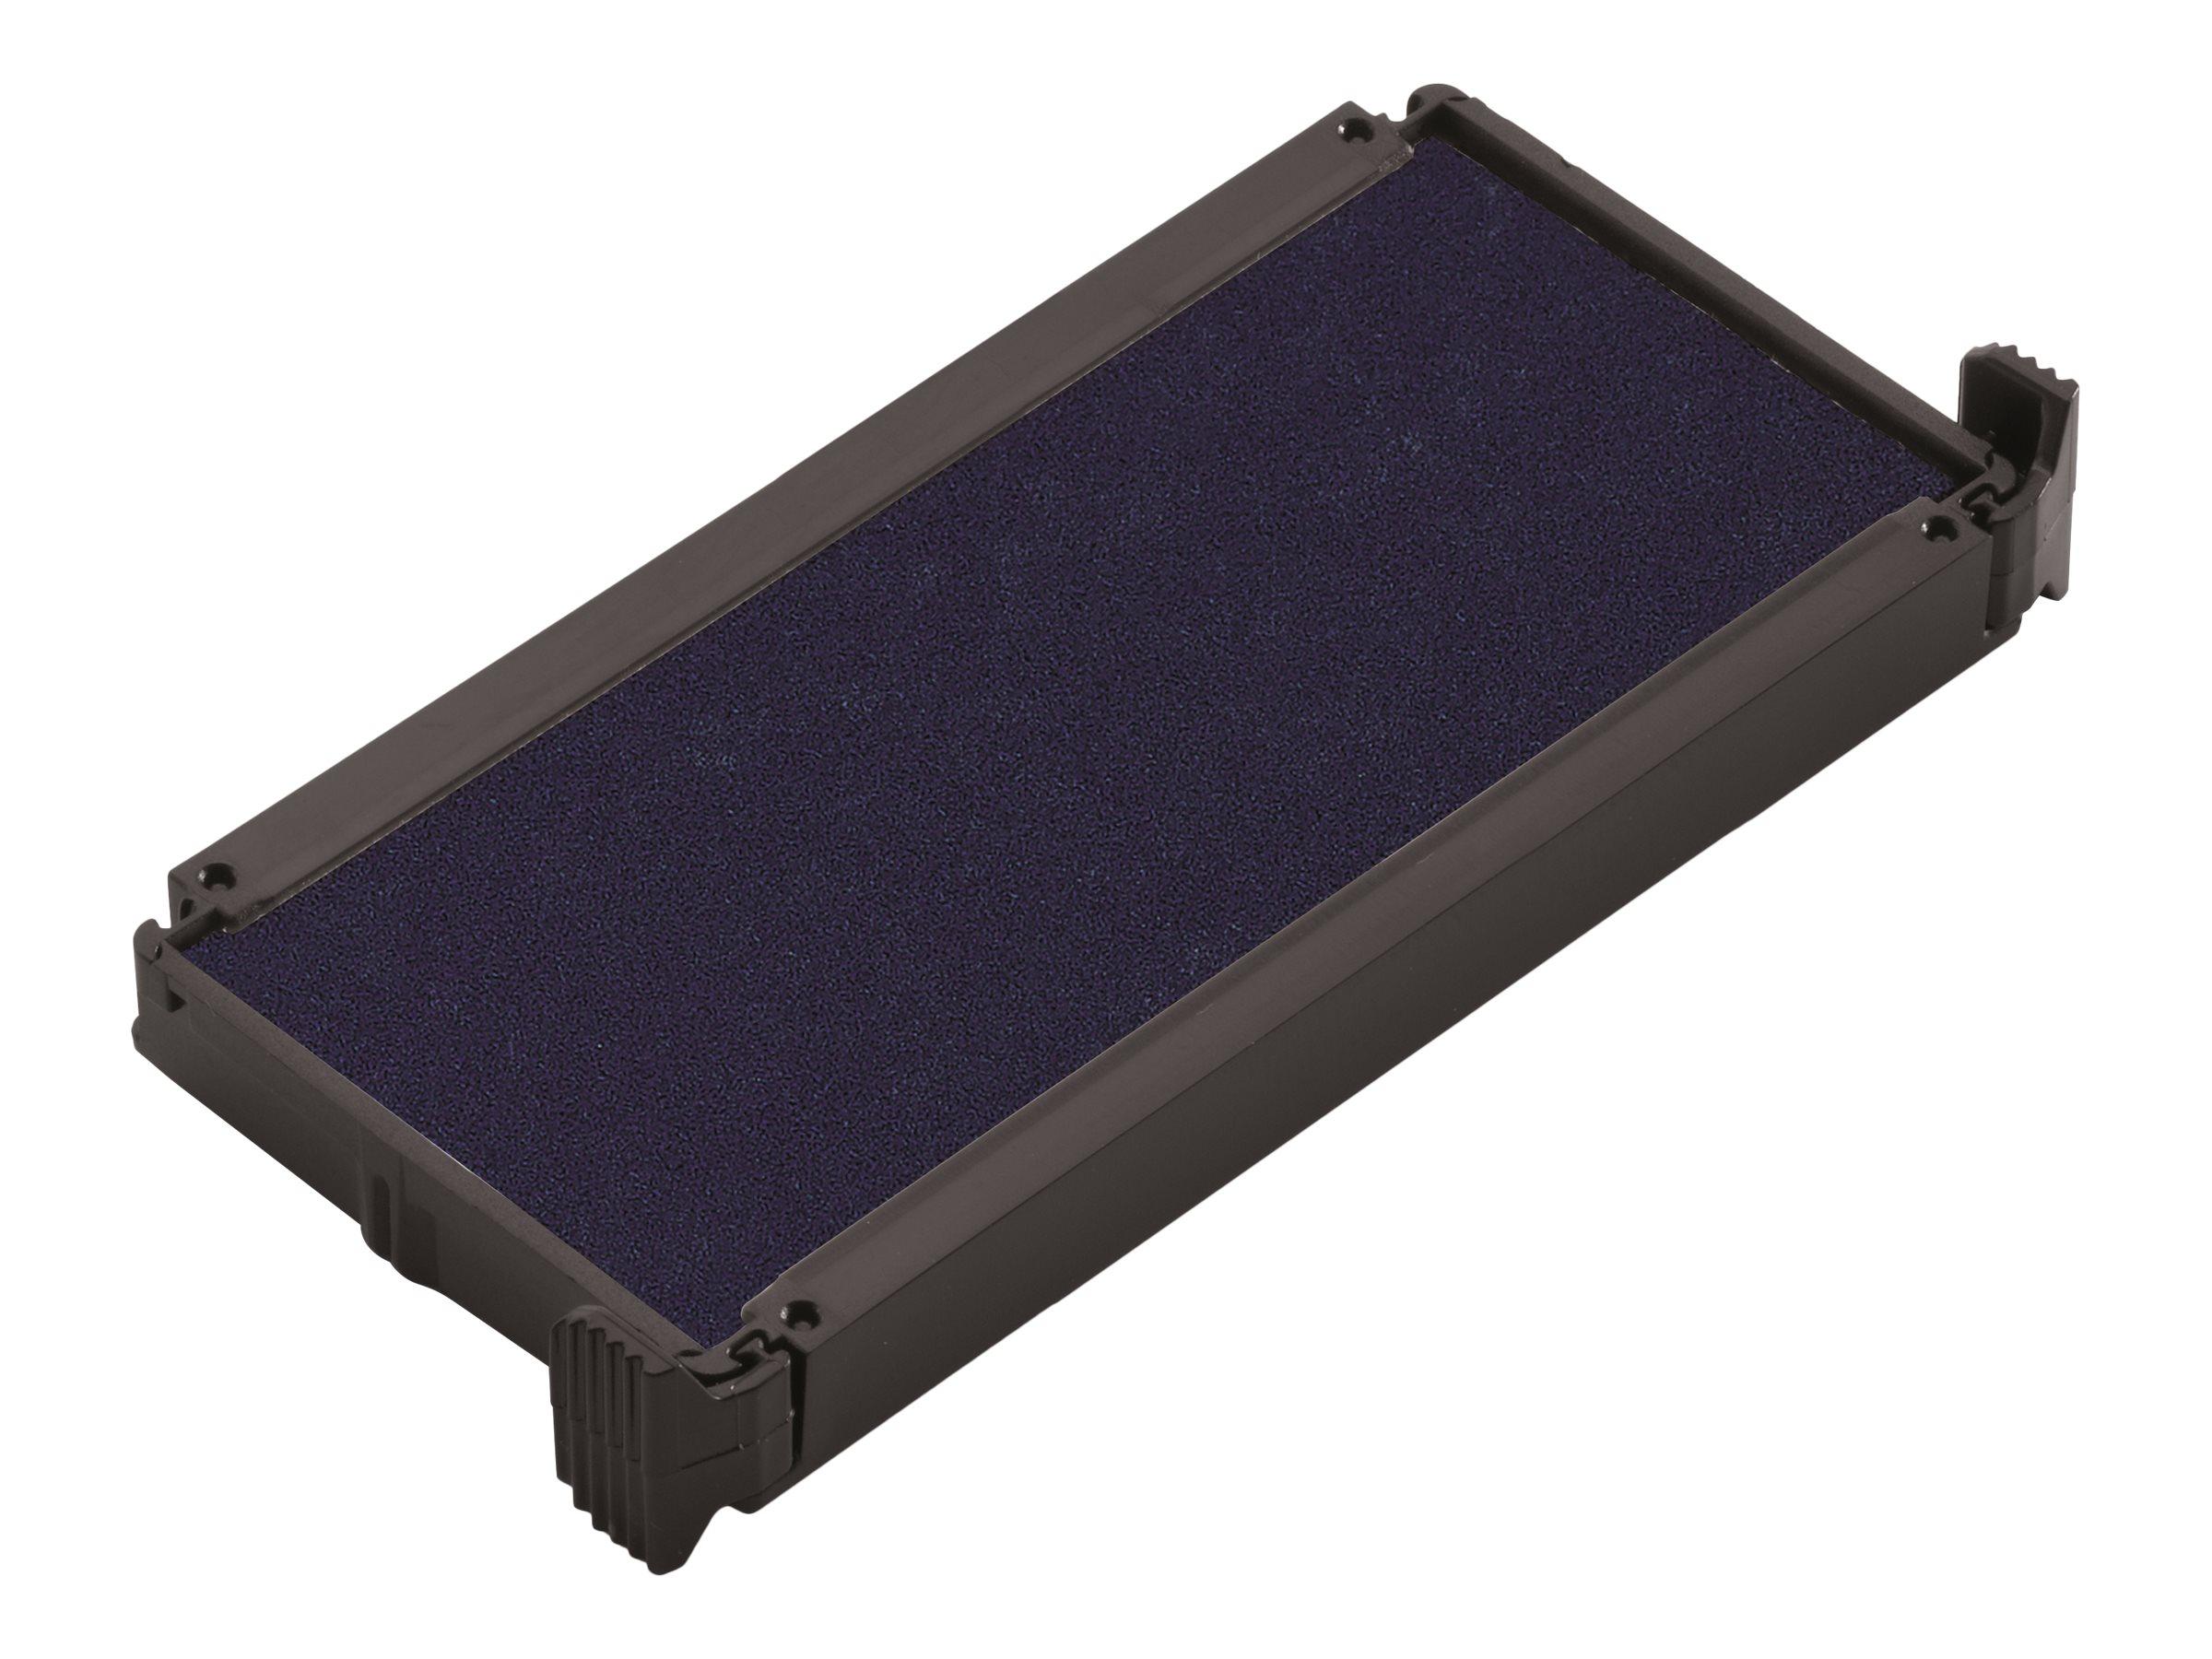 Trodat - Encrier 6/4913 recharge pour tampon Printy 4913/4953 - bleu